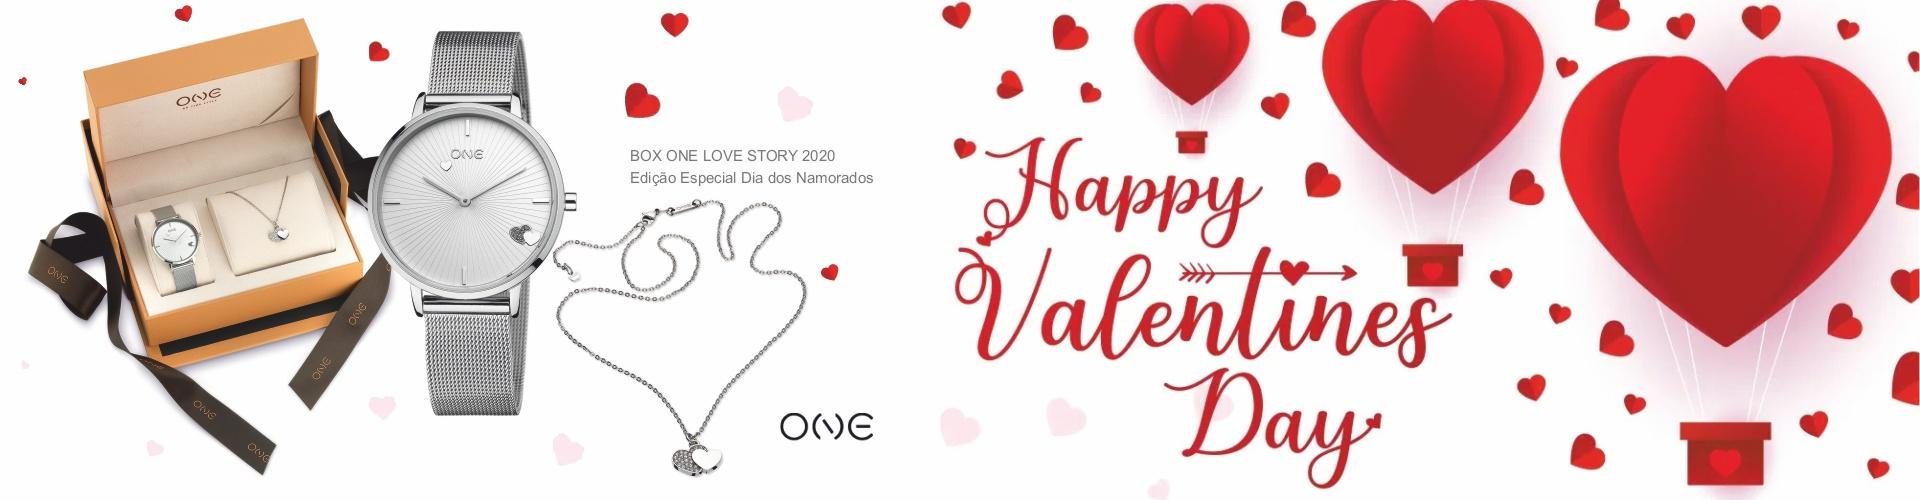 RELÓGIO ONE LOVE STORY BOX 2020 - EDIÇÃO ESPECIAL DIA DOS NAMORADOS